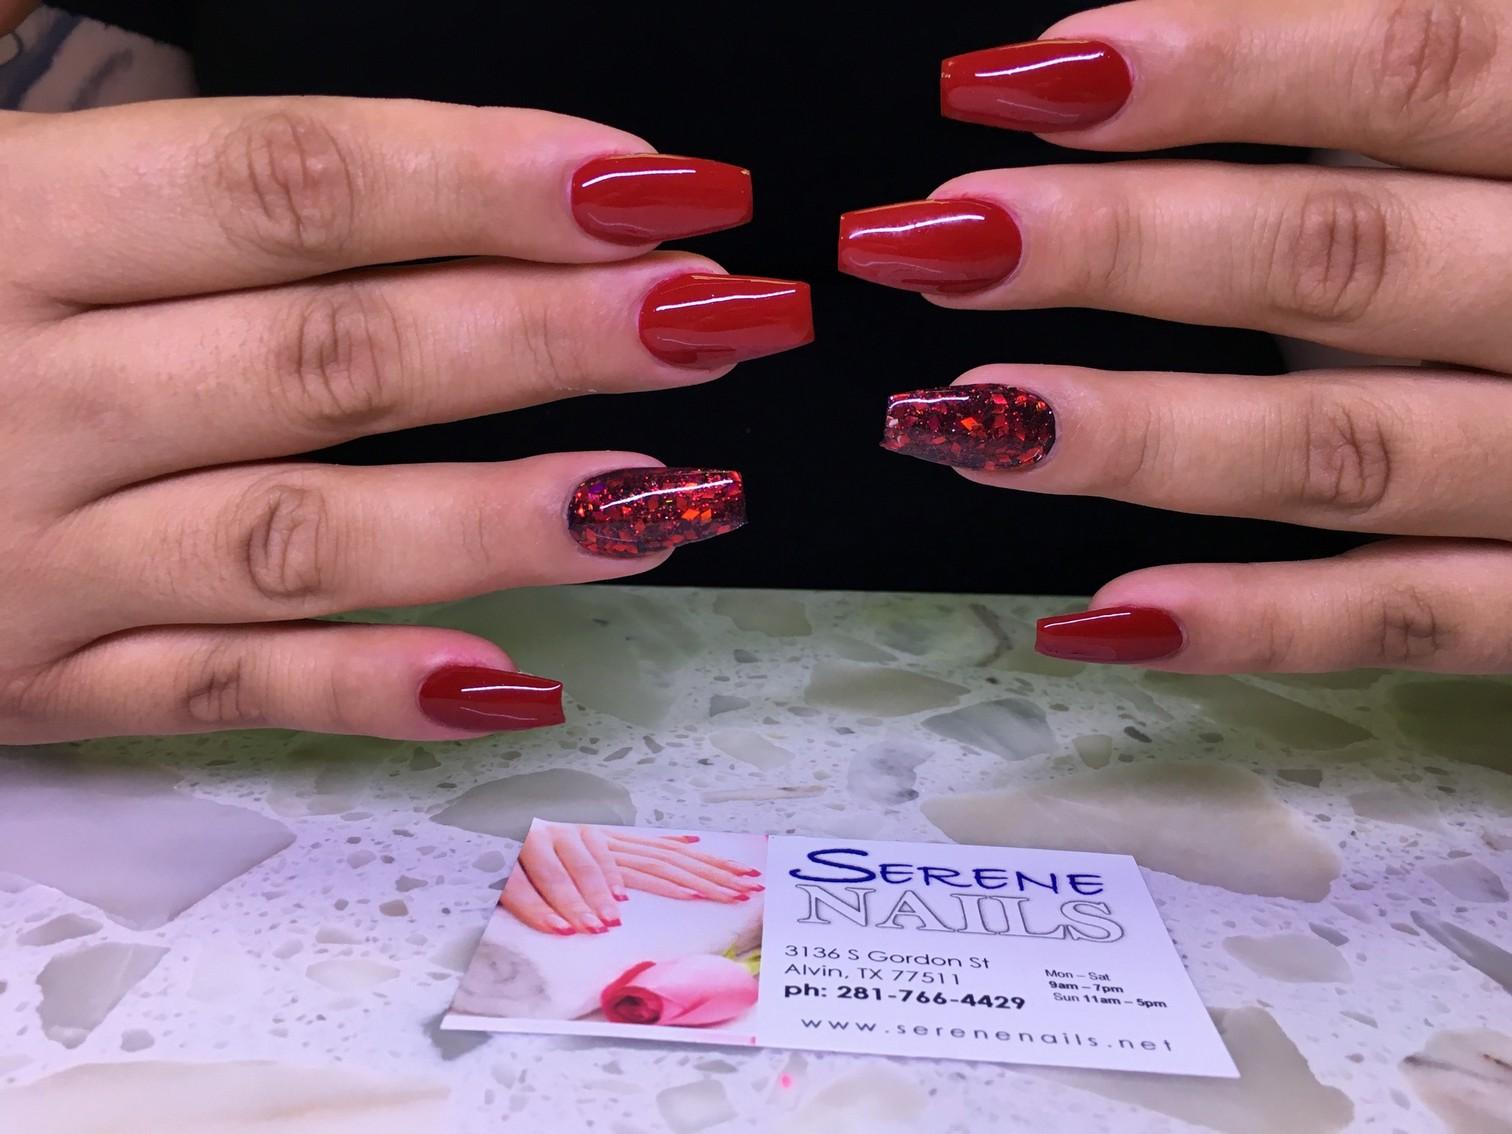 Serene Nails image 55